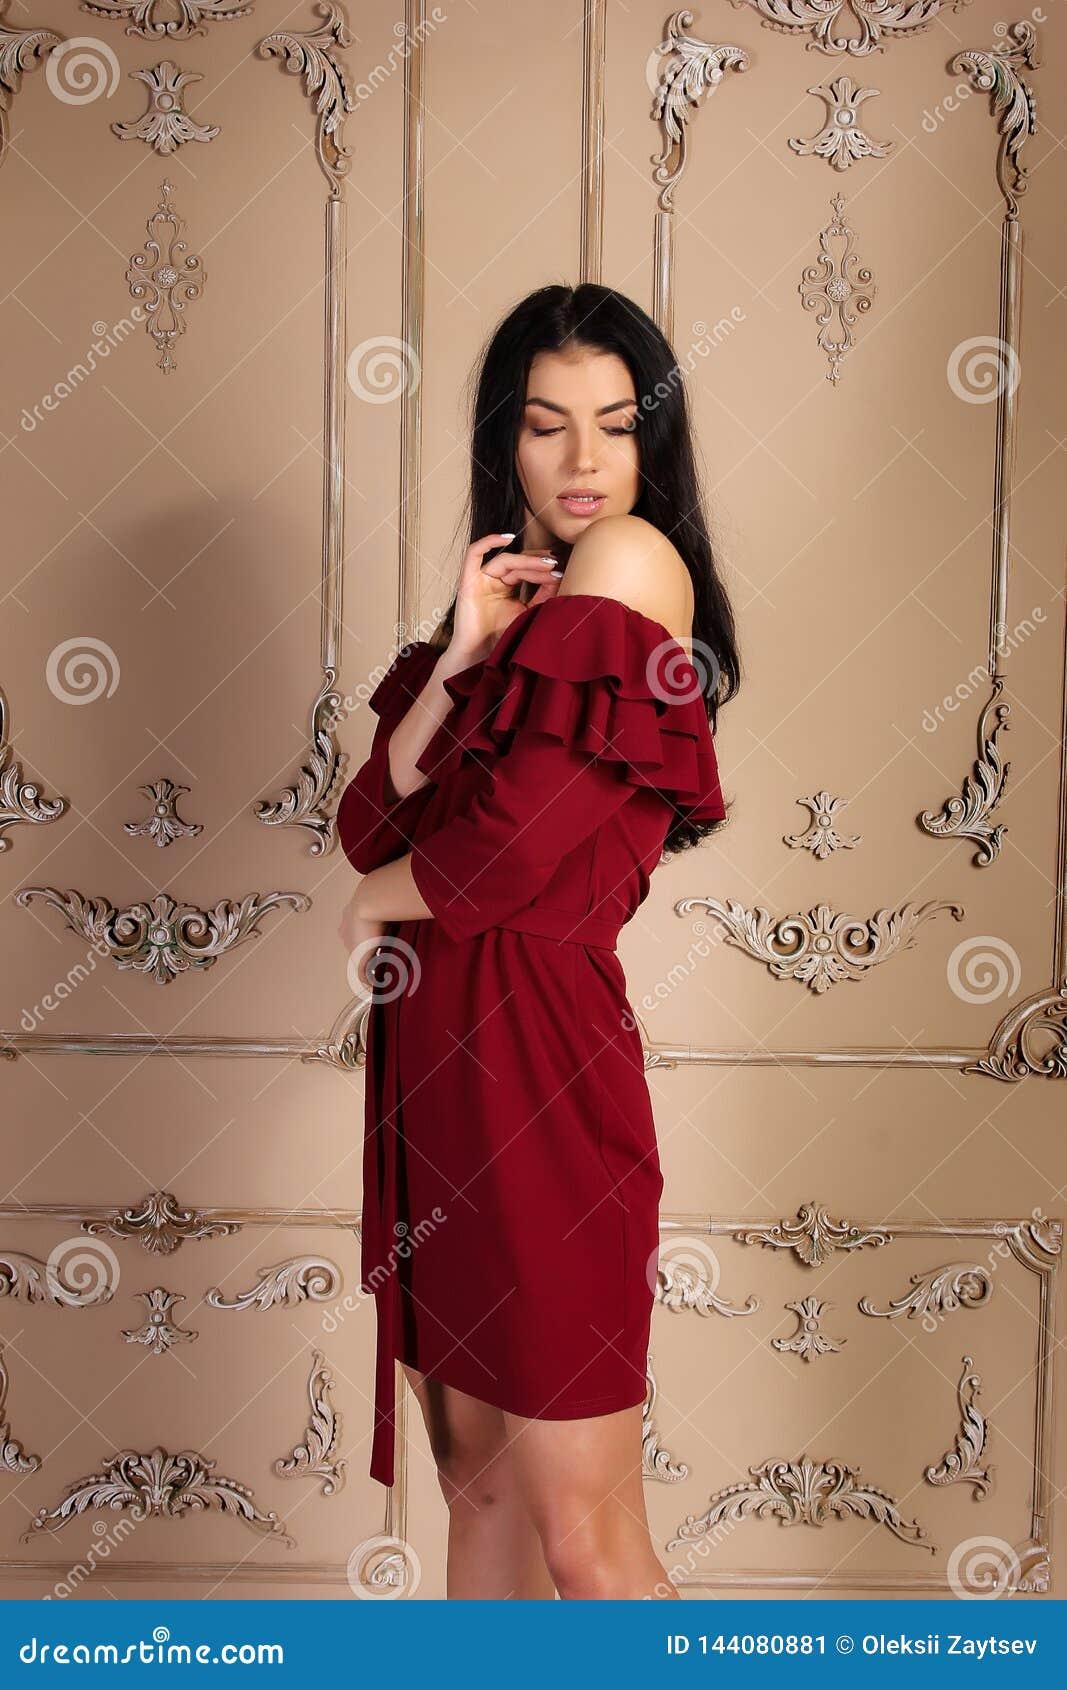 Manierfoto van jong mooi vrouwelijk model in kleding